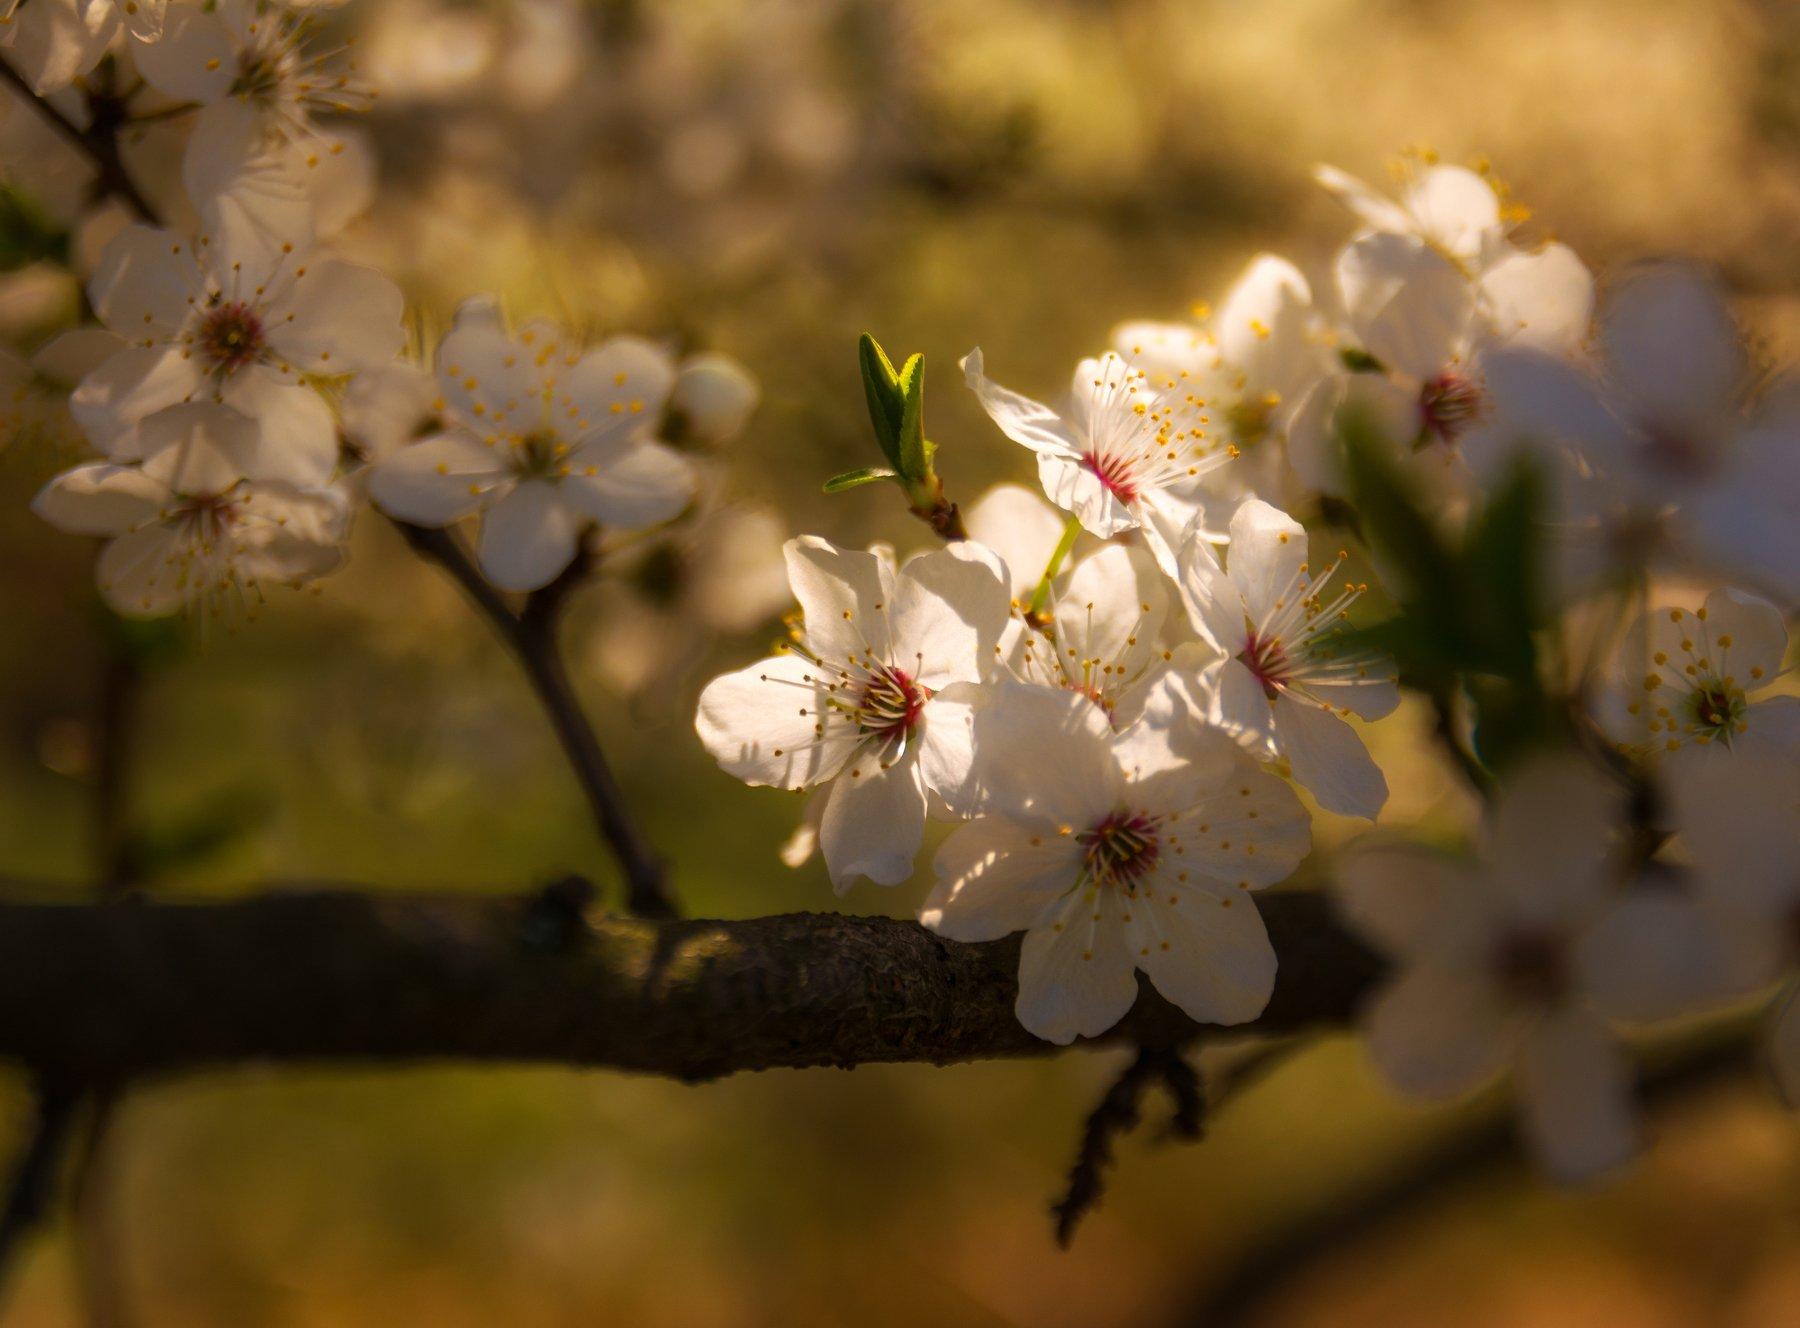 nature, природа,  растение, листья,, солнечный свет, цветы, цветок, макро, цвести,  весна, красота, яблоневый цвет, ветка, Михаил MSH